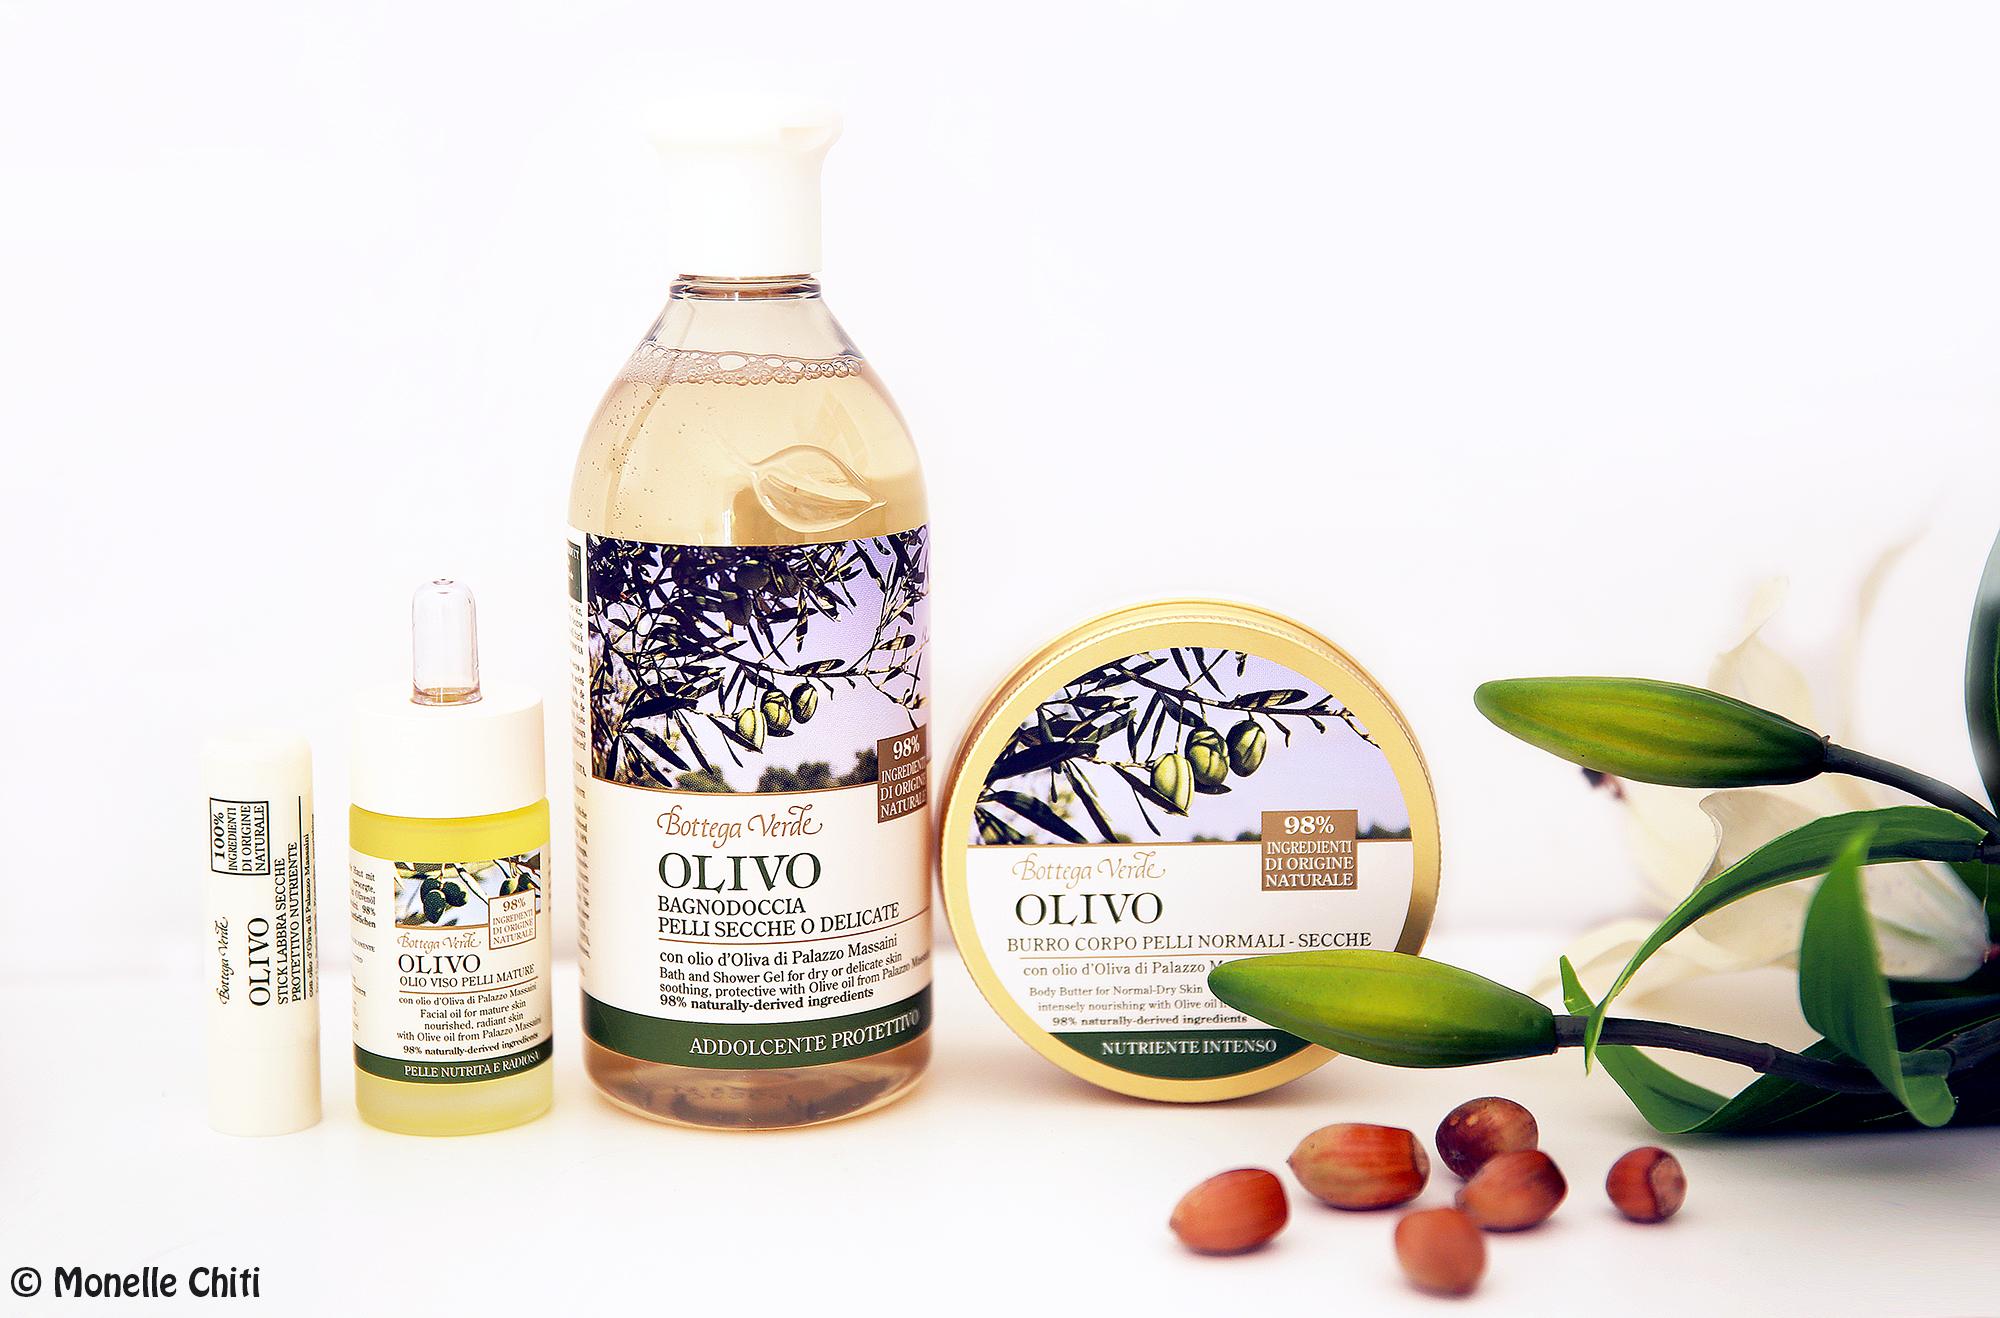 Bagno Doccia Bottega Verde : Linea olivo: la novita ottobre 2016 in casa bottega verde monelle